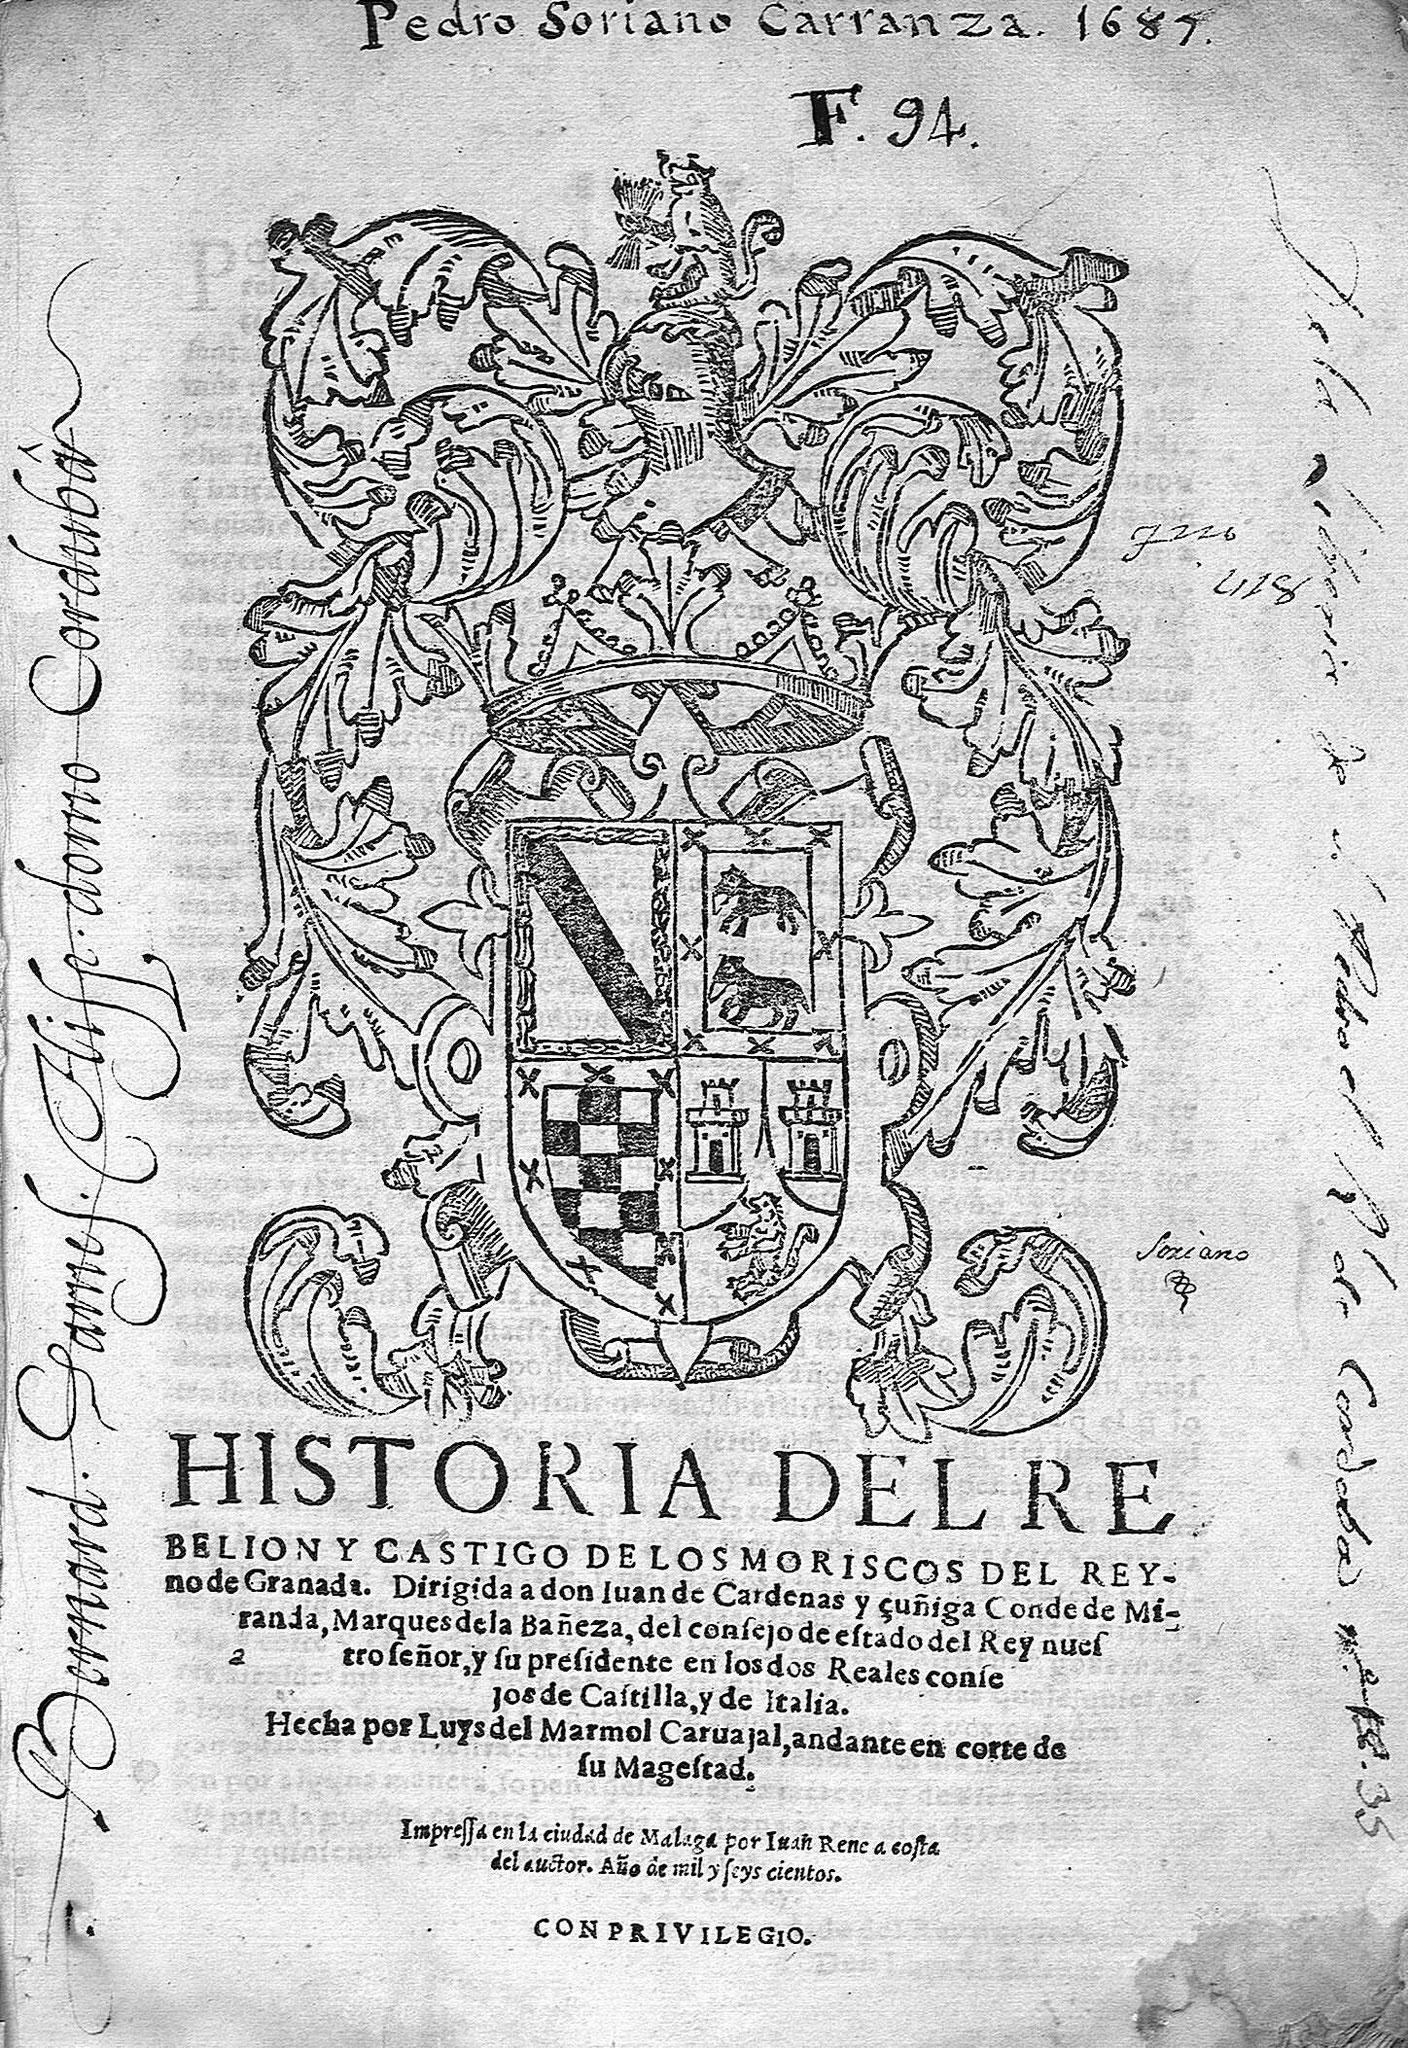 Historia de la rebelión y castigo de los moriscos del Reyno de Granada